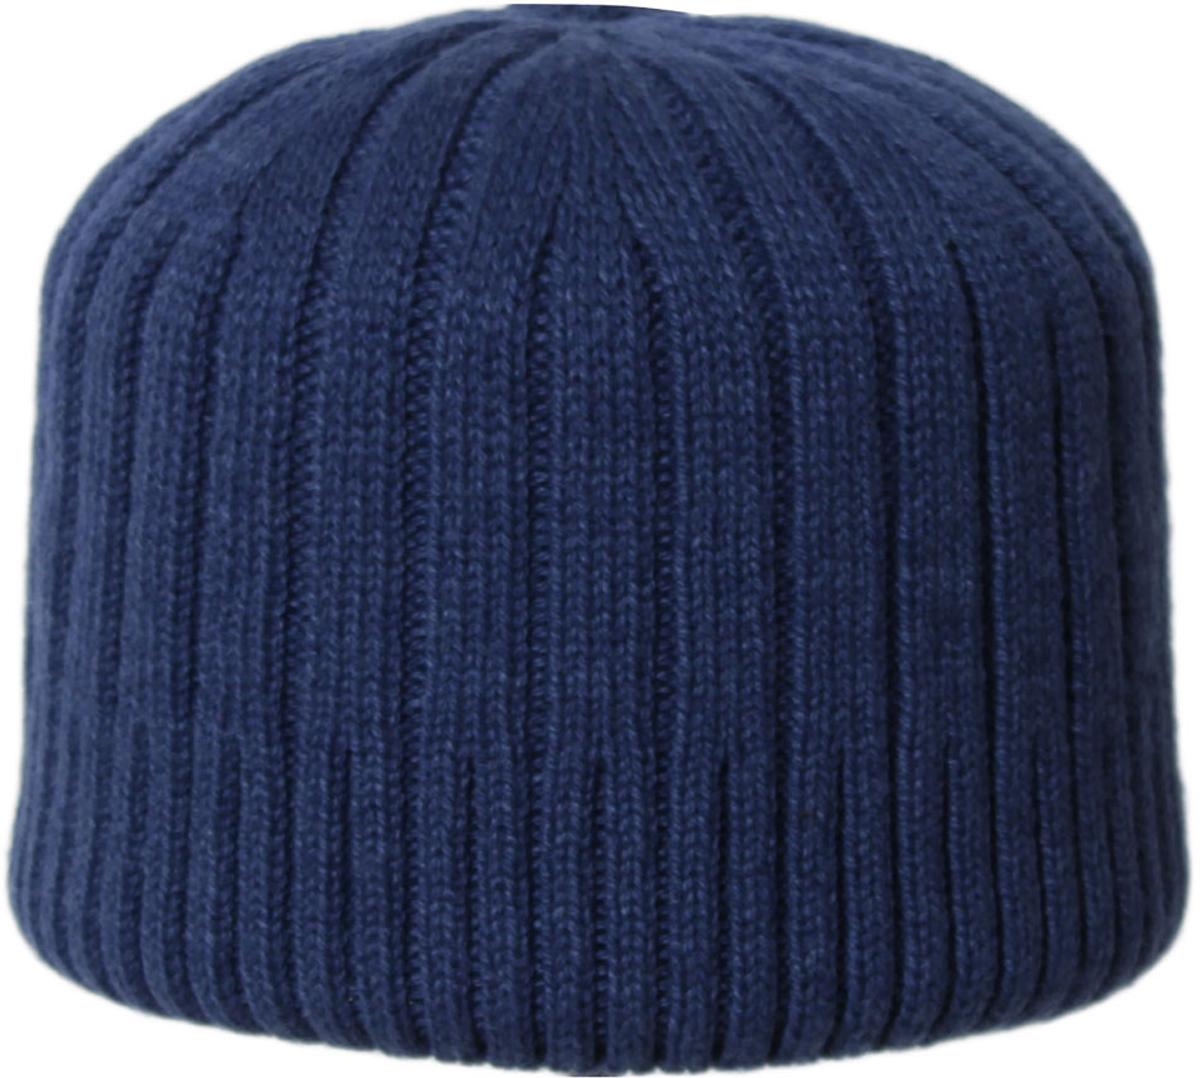 Шапка мужская. 5-0125-012Вязаная мужская шапка отлично подойдет для повседневной носки и активного отдыха в зимнее время года. Быстро выводит влагу от тела, оставляя изделие сухим. Шапка подарит ощущение тепла и комфорта в прохладный день.